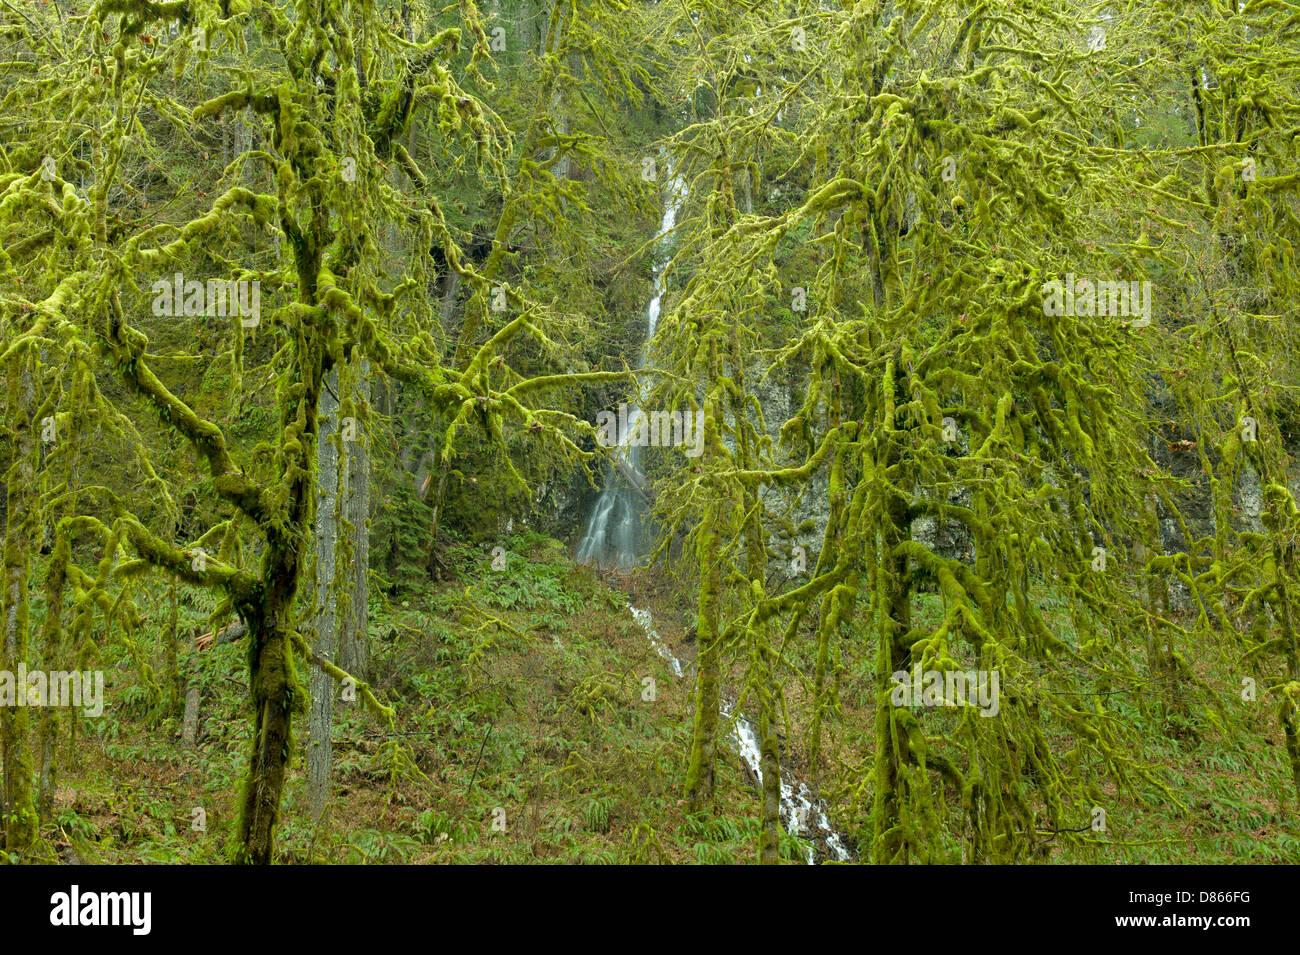 Couverts de mousse et d'arbres d'érable Feuilles grandes waterfal saisonniers. Silver Falls State Park, Photo Stock